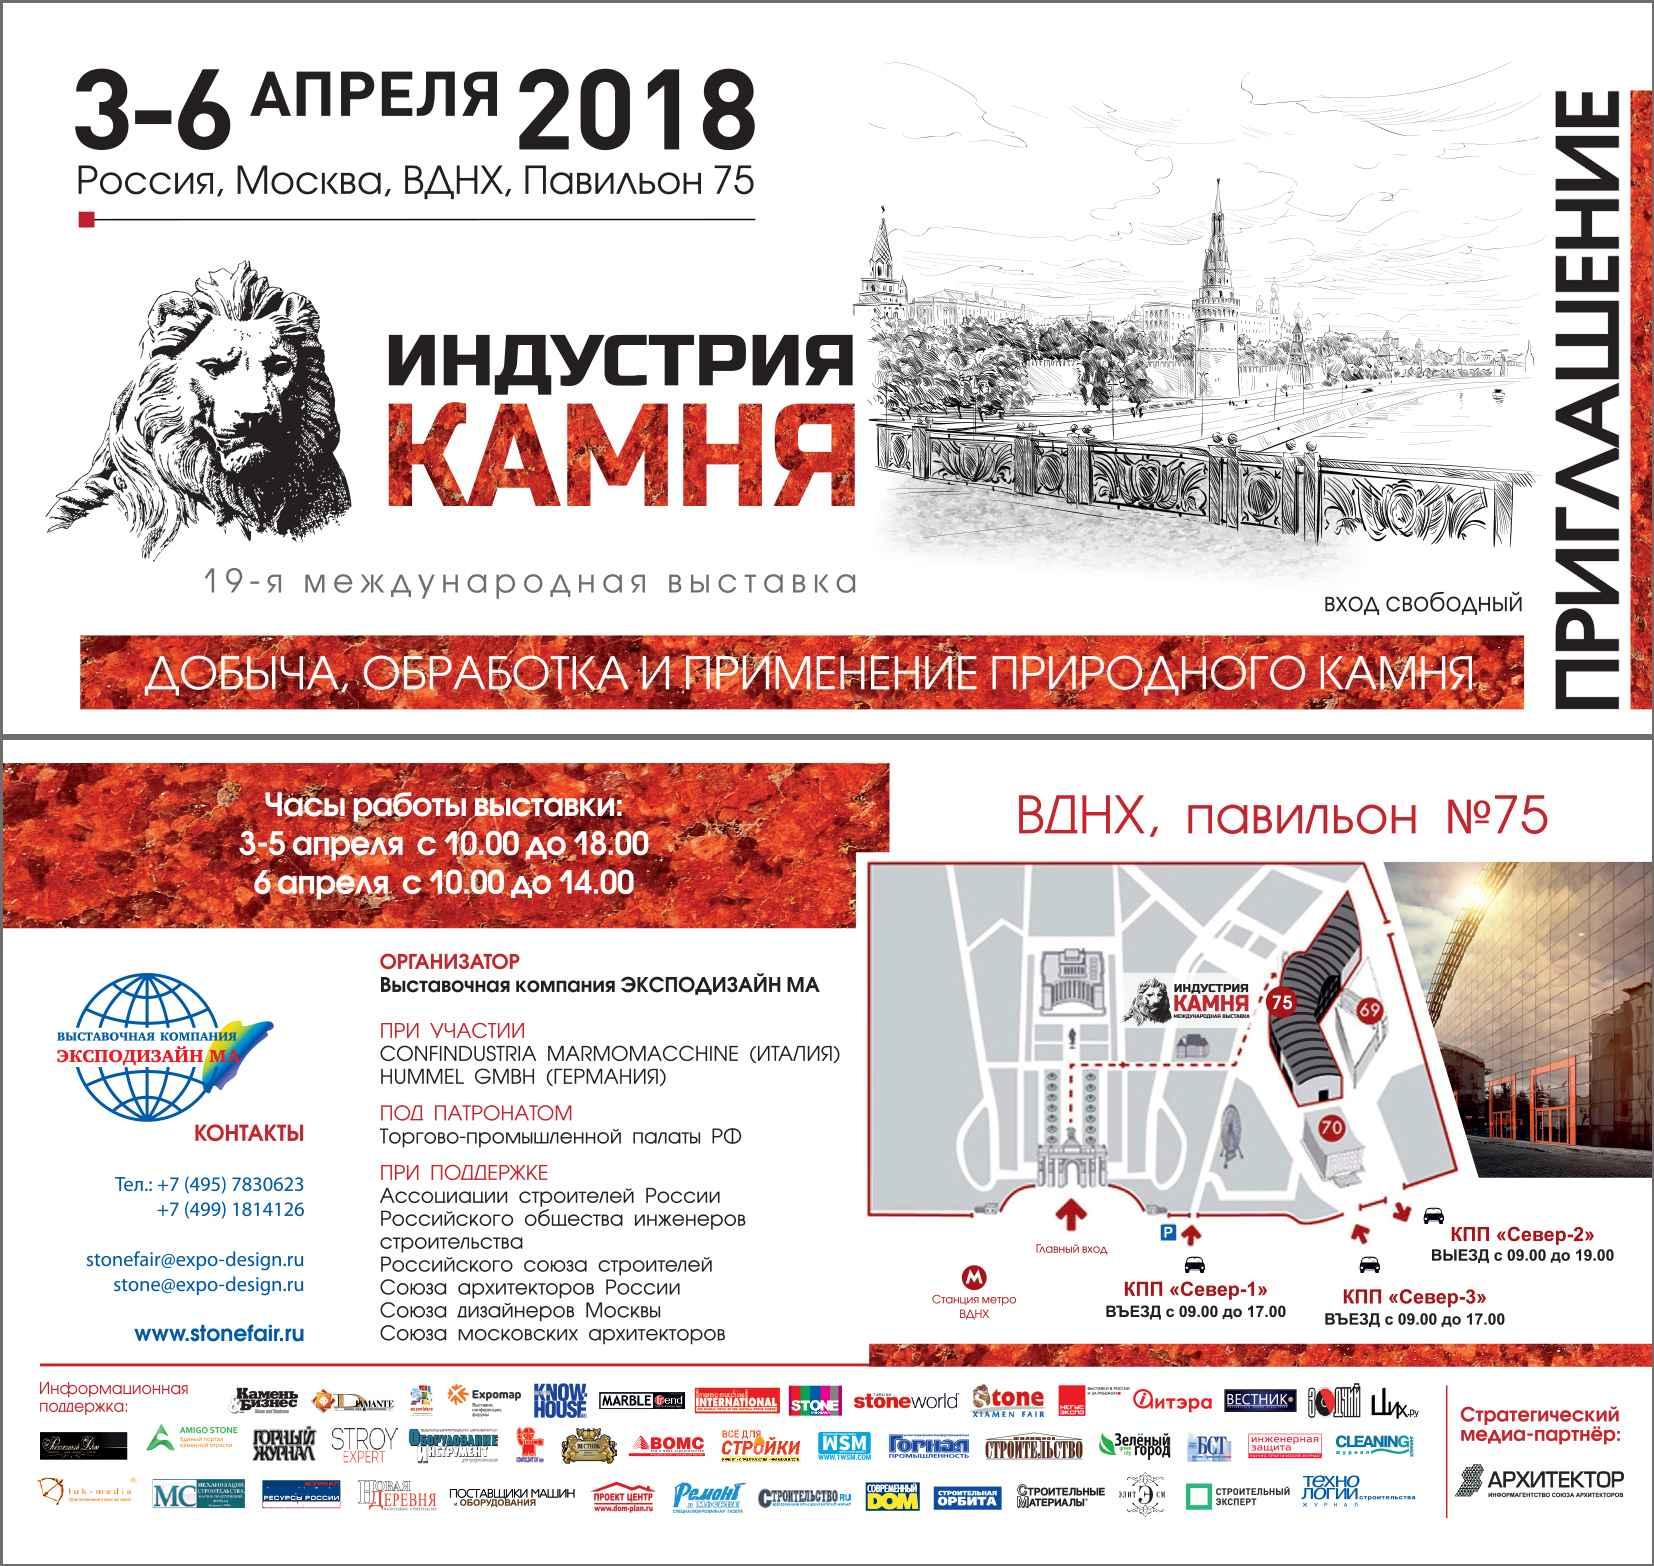 Приглашение на выставку Индустрия камня